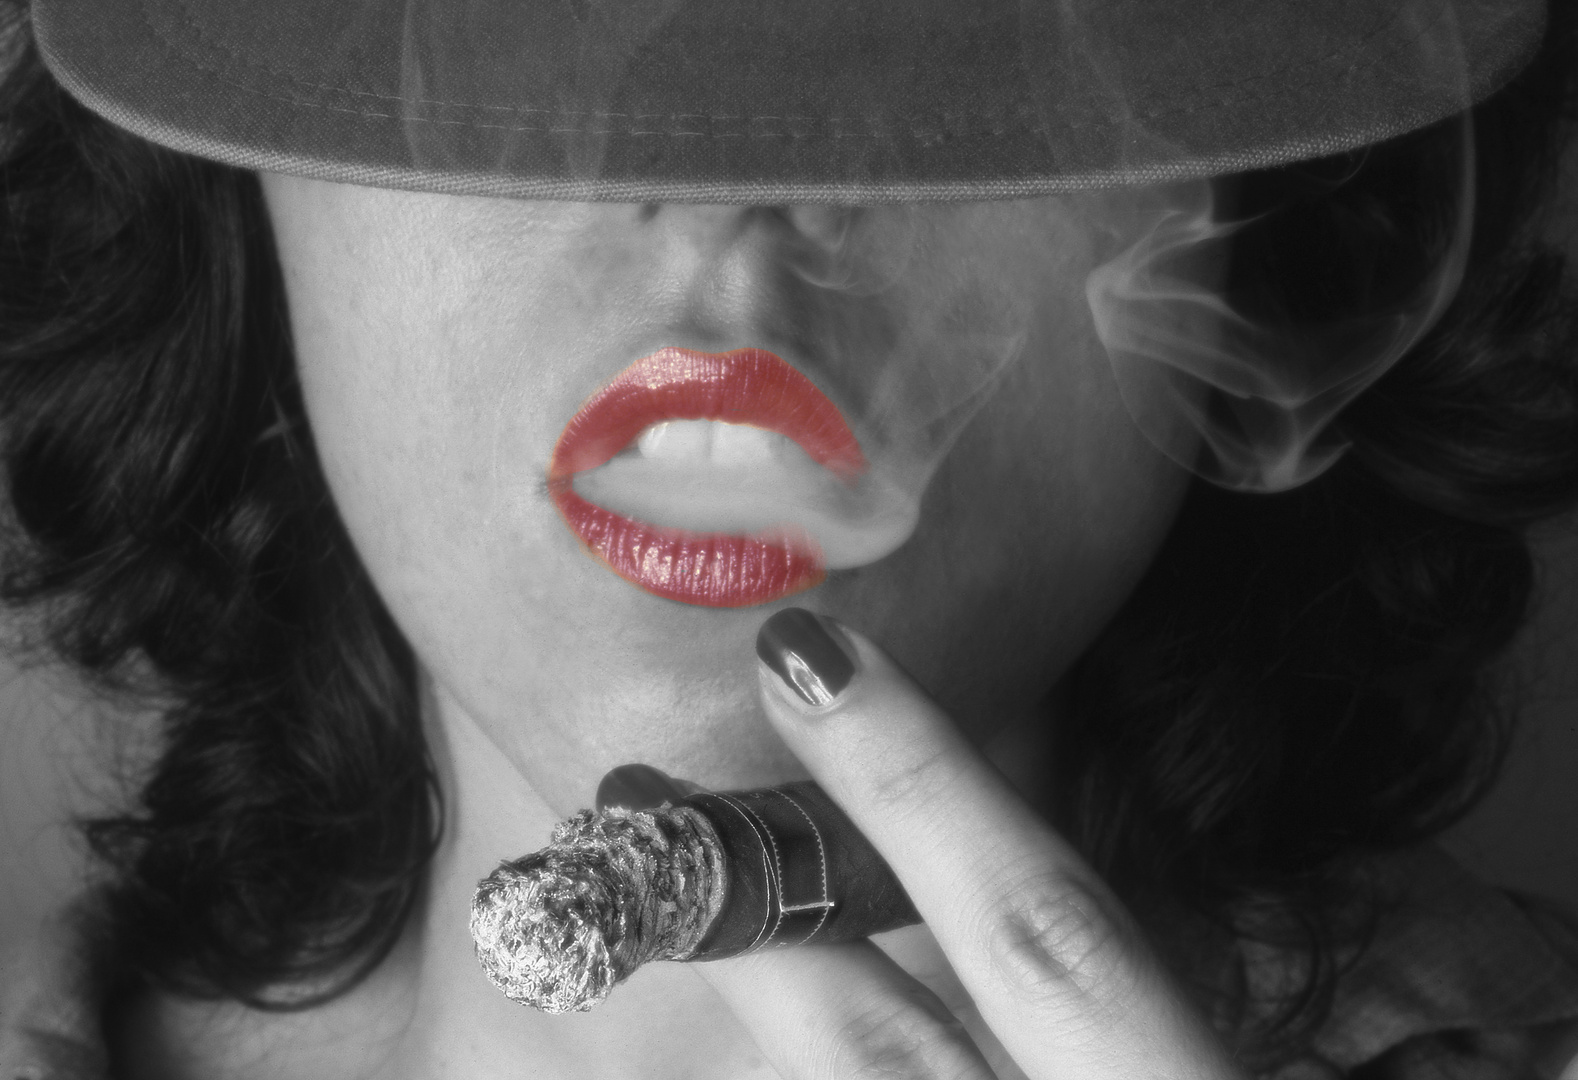 Don't smoke it